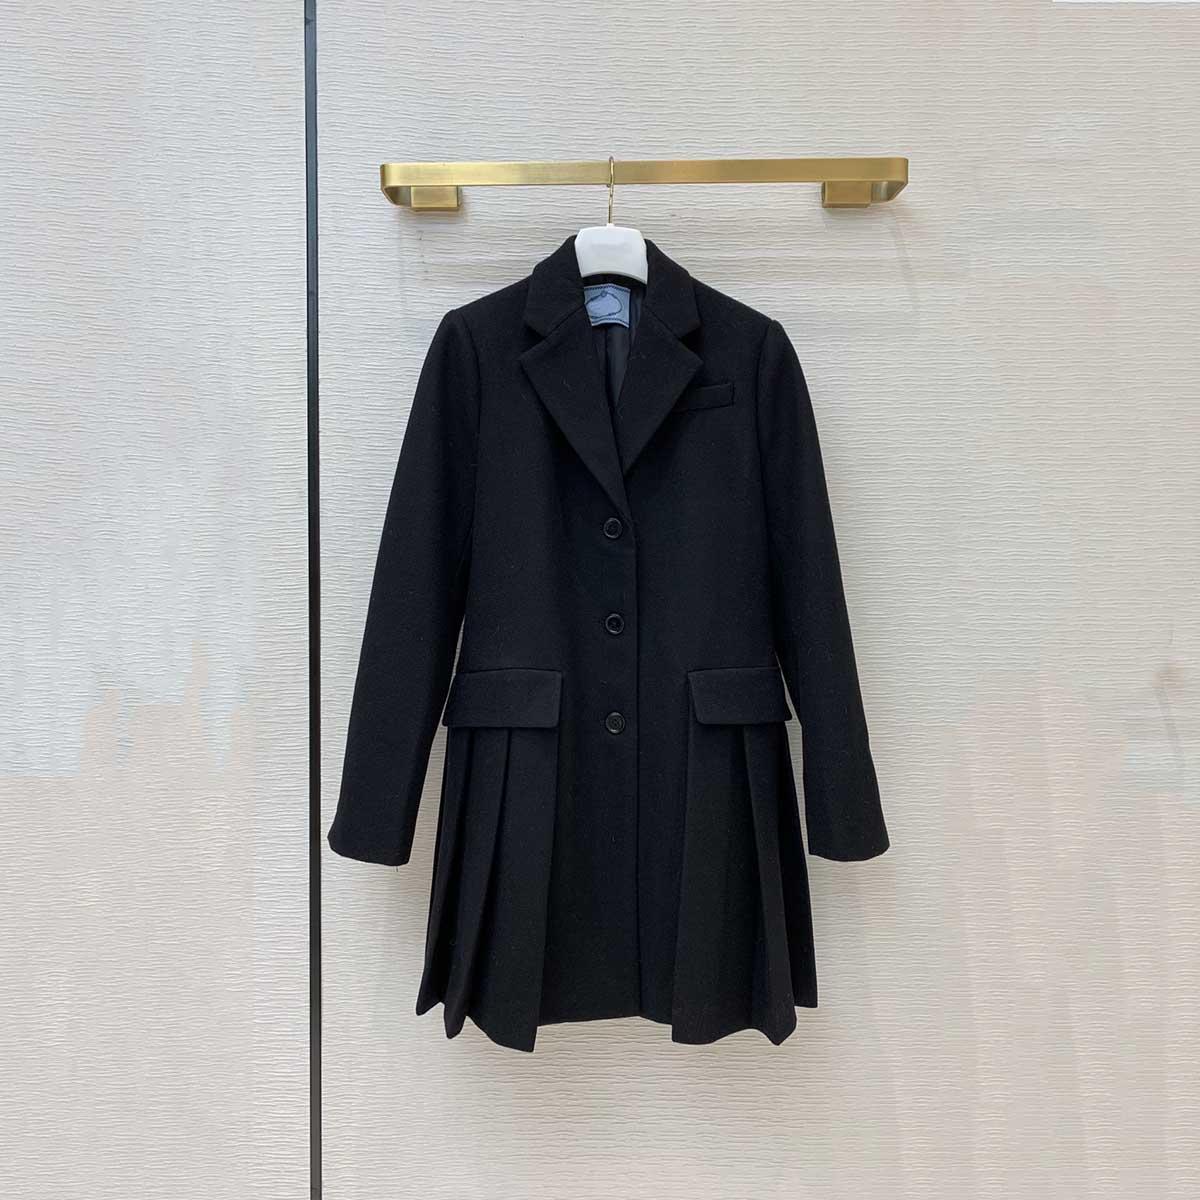 أزياء المرأة الدعاوى الحلل اللباس اللباس دعوى نمط الكشمير مزيج الحلل مع الظهر المقلوب مثلث شارة المرأة الشتاء عارضة الملابس S-L